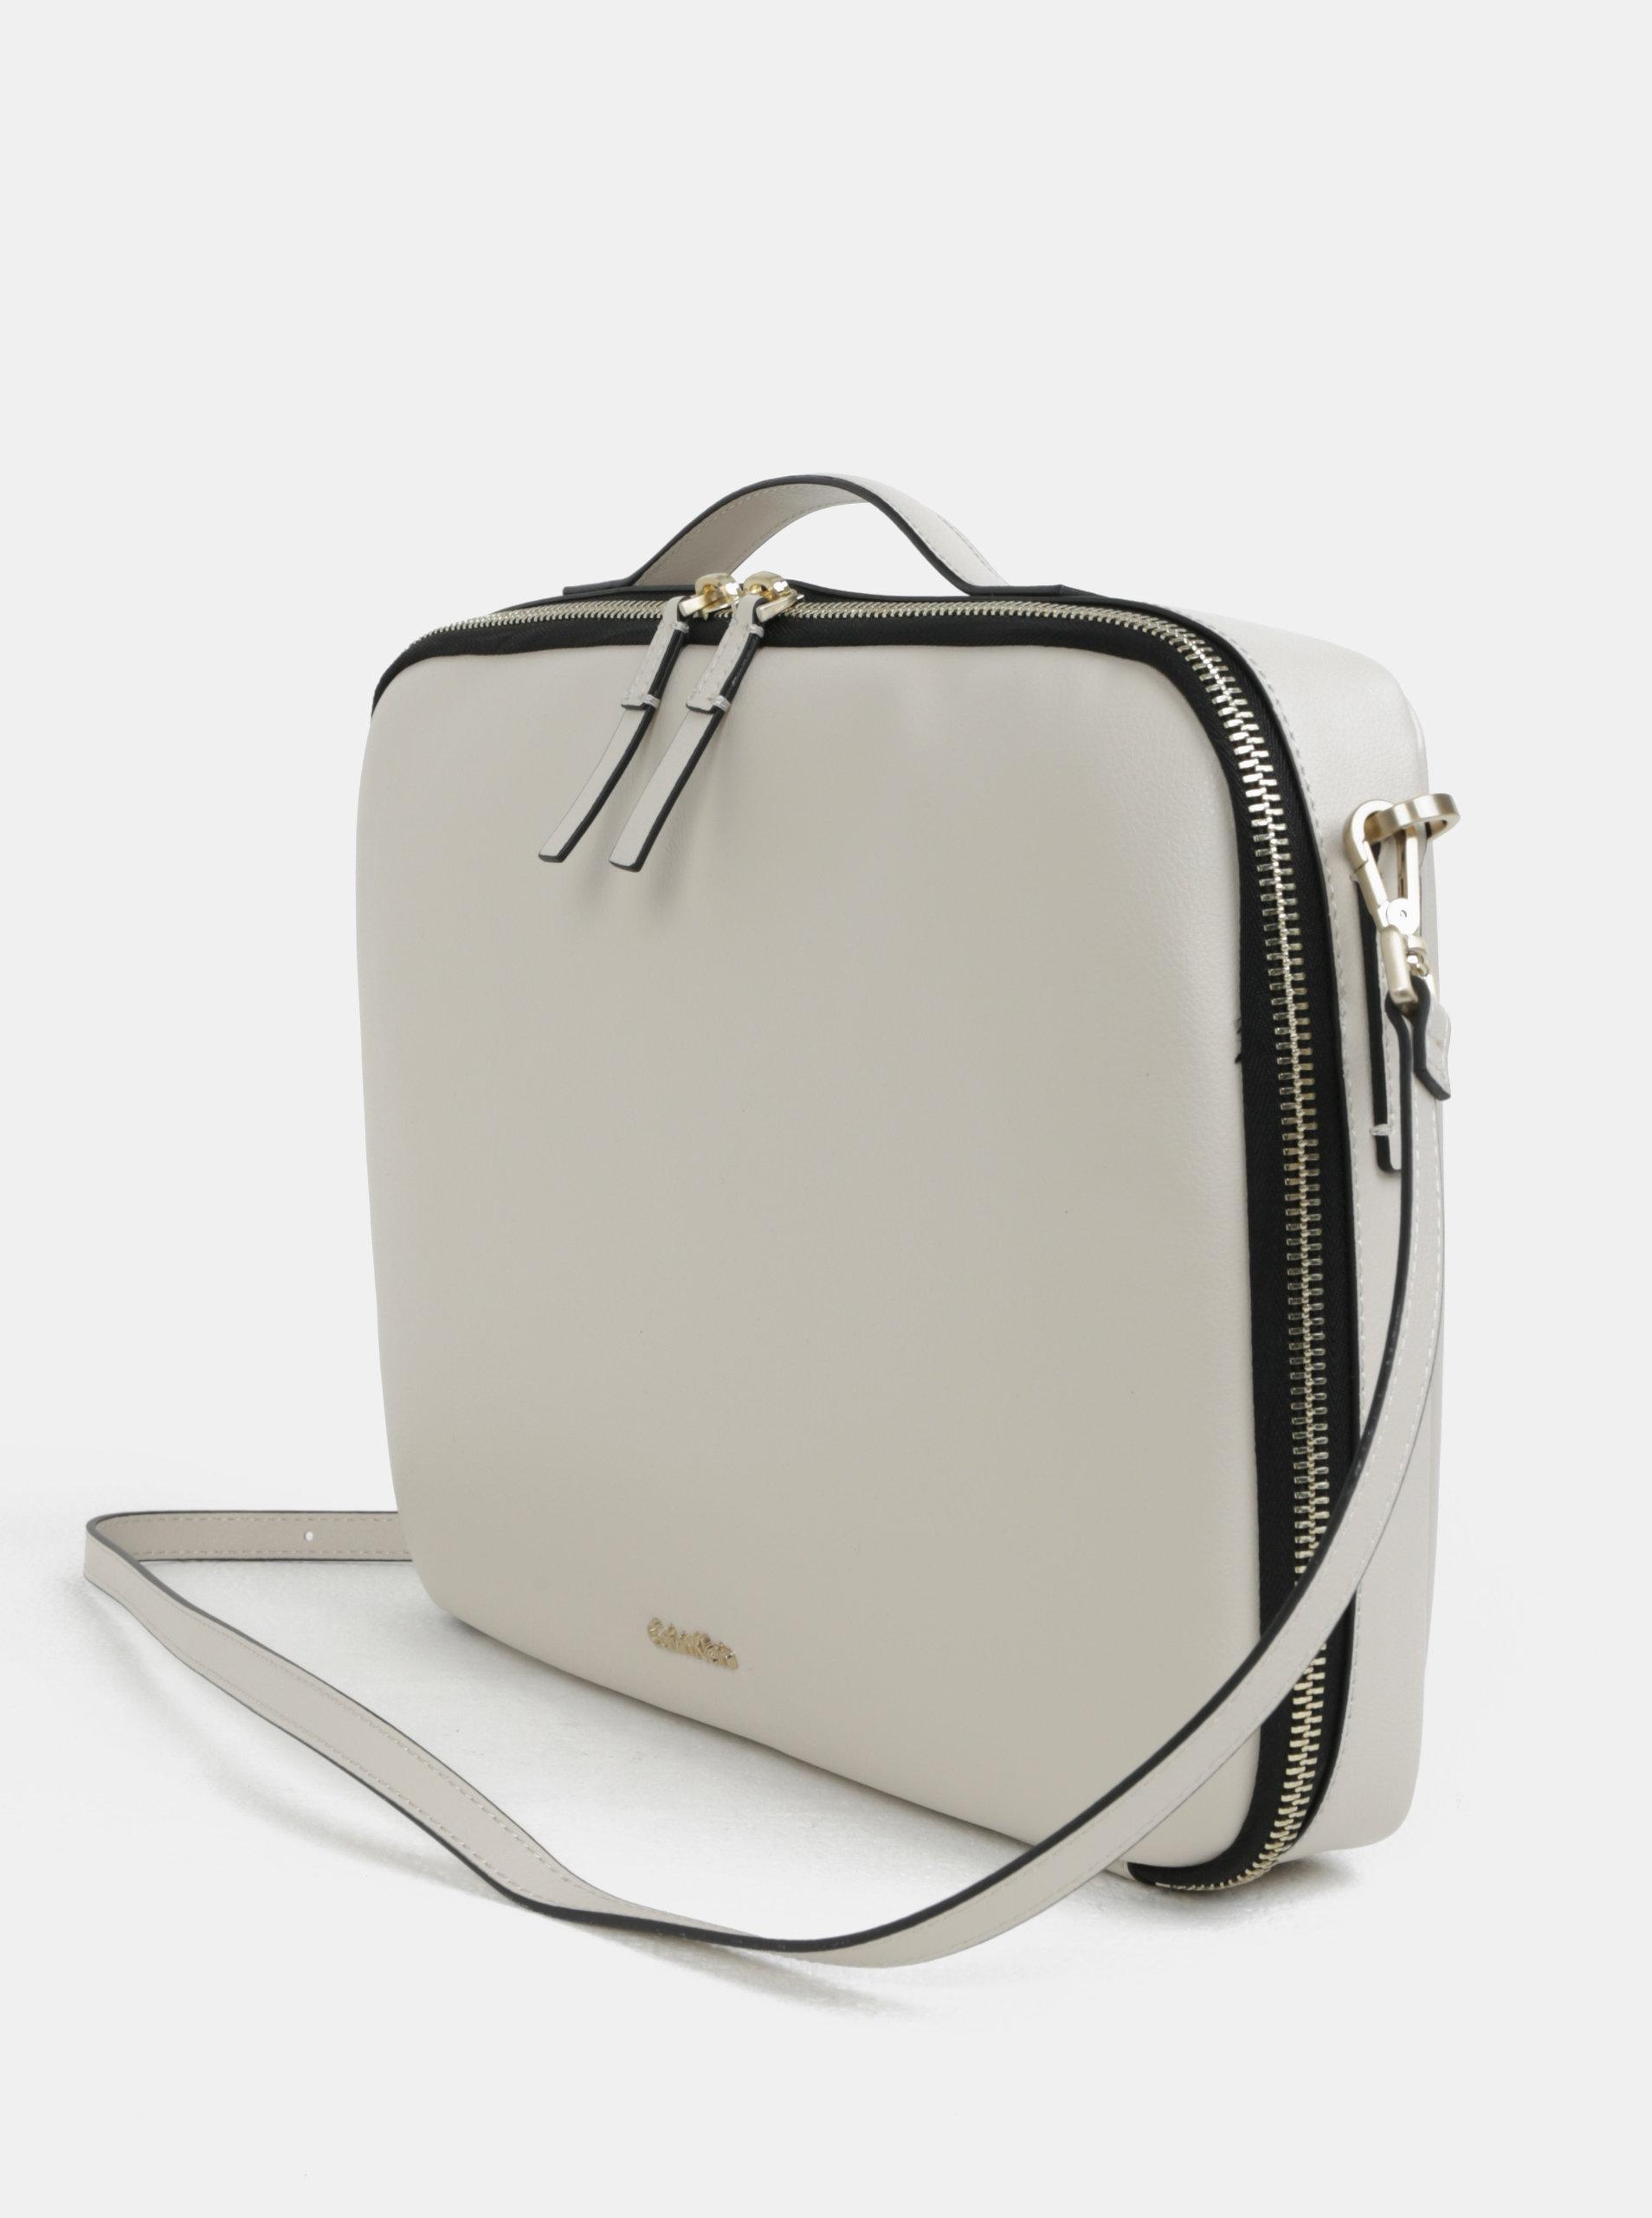 0d3a52341c94 Béžová dámská taška na notebook Calvin Klein Jeans ...